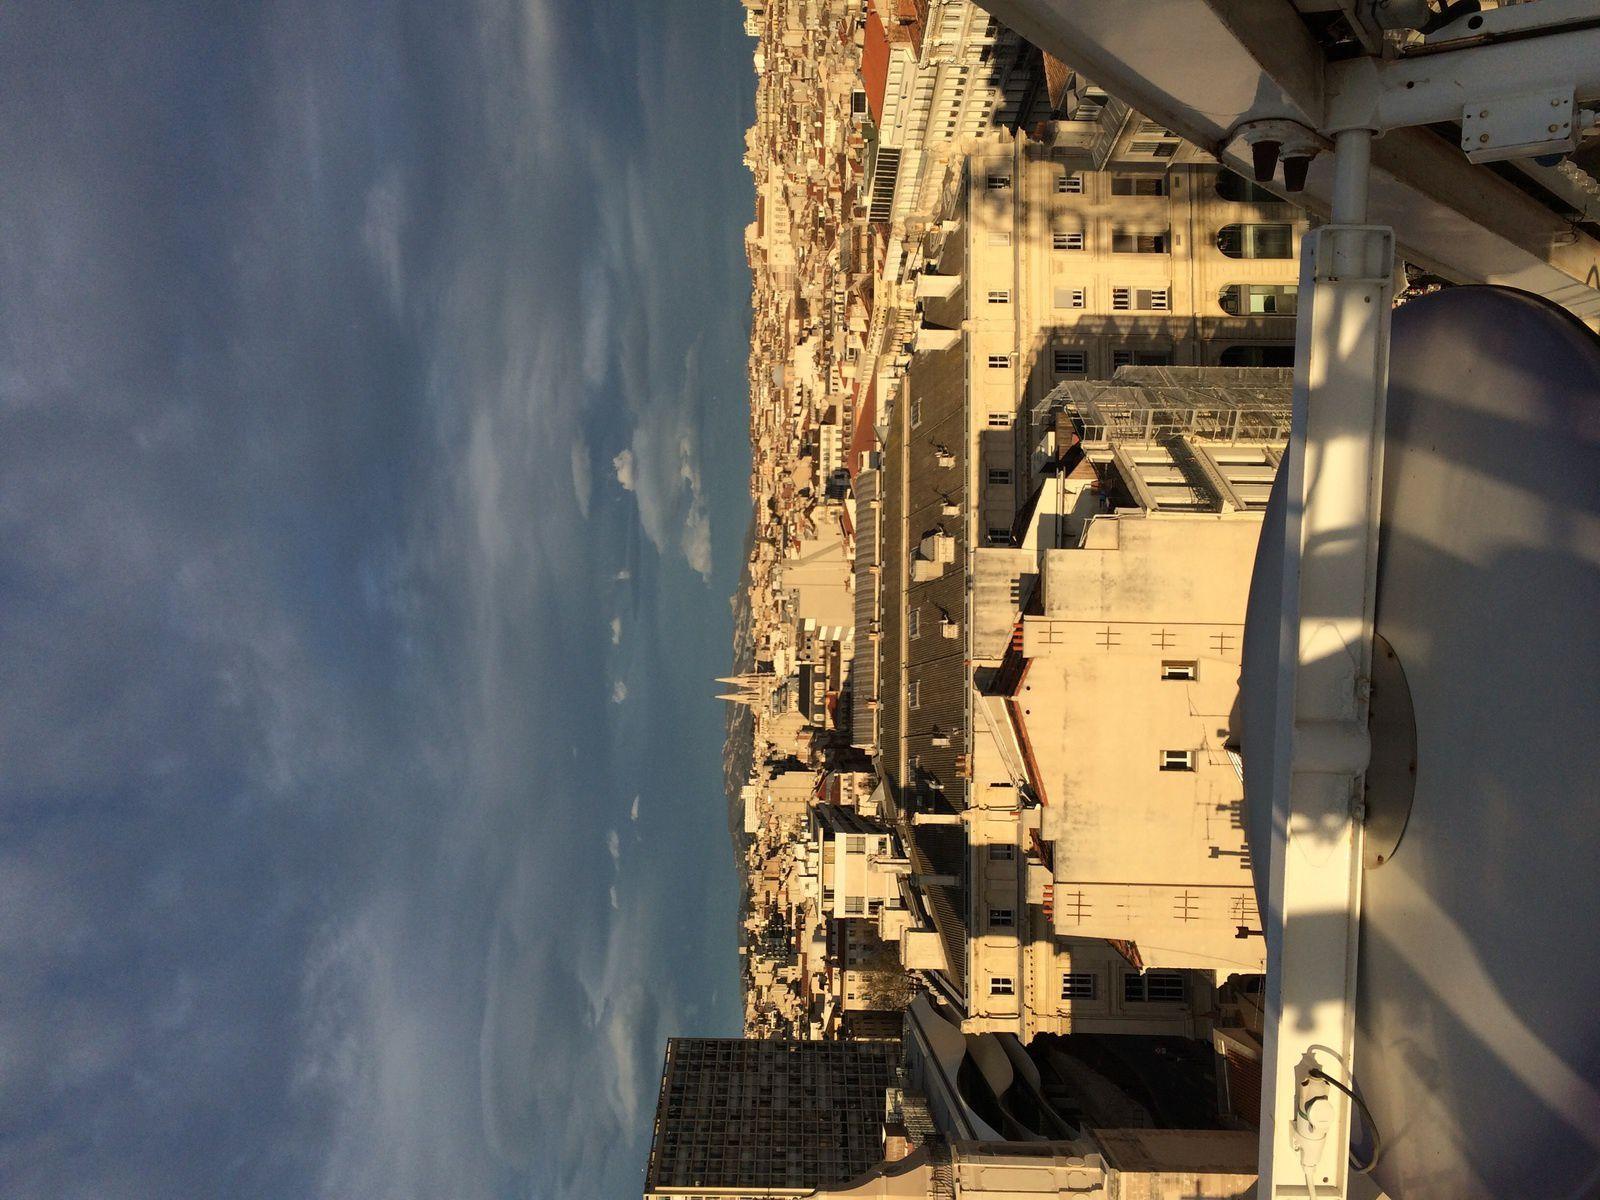 Marseille cette ville est superbe et loin des préjugés !